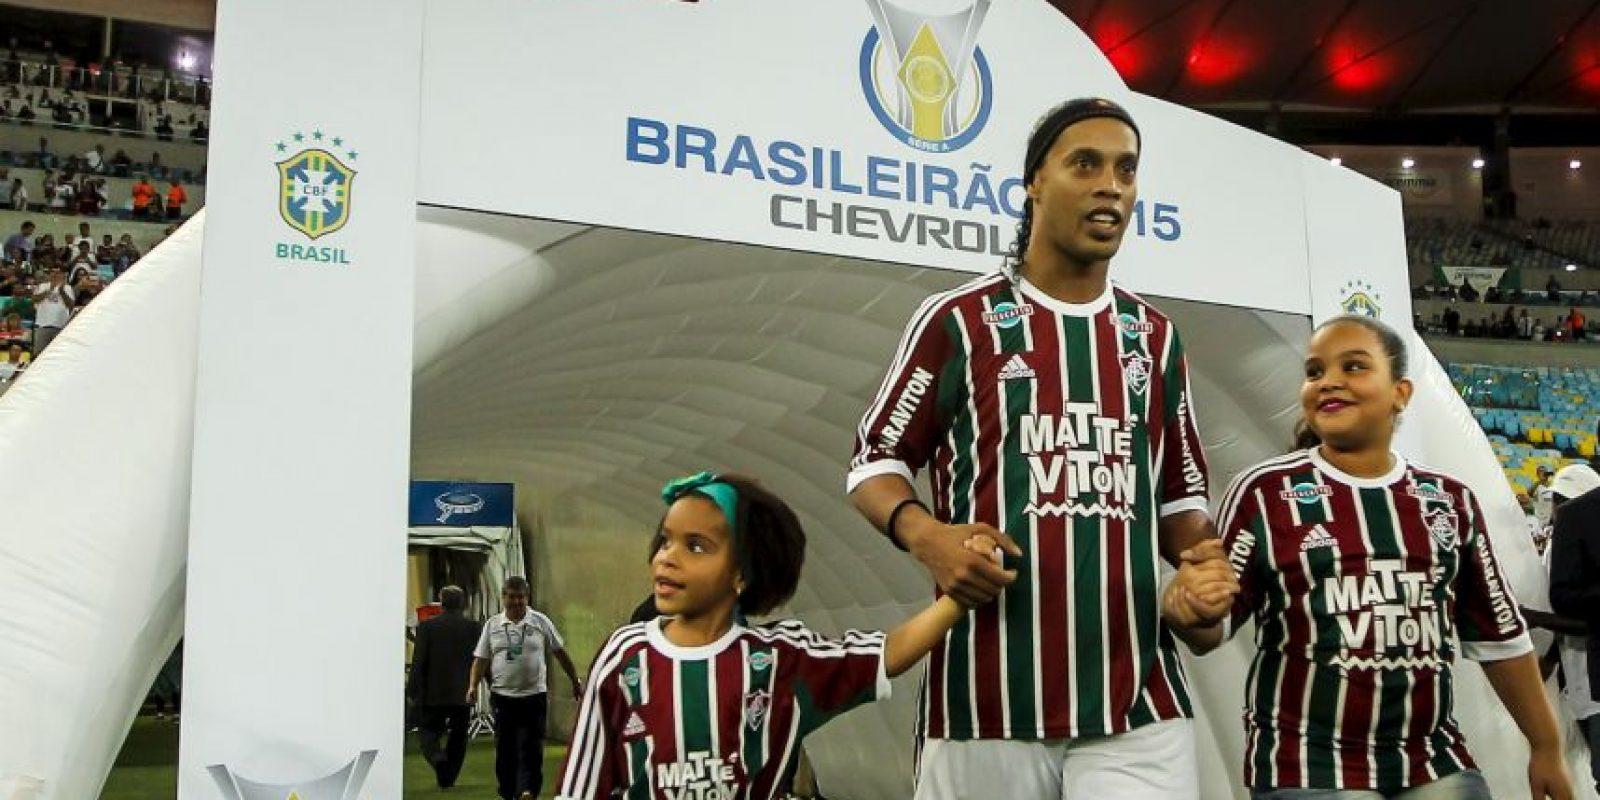 Su hermano y representante, Roberto de Assis, asegura que vienen sorpresas en la carrera del futbolista. Foto:Getty Images